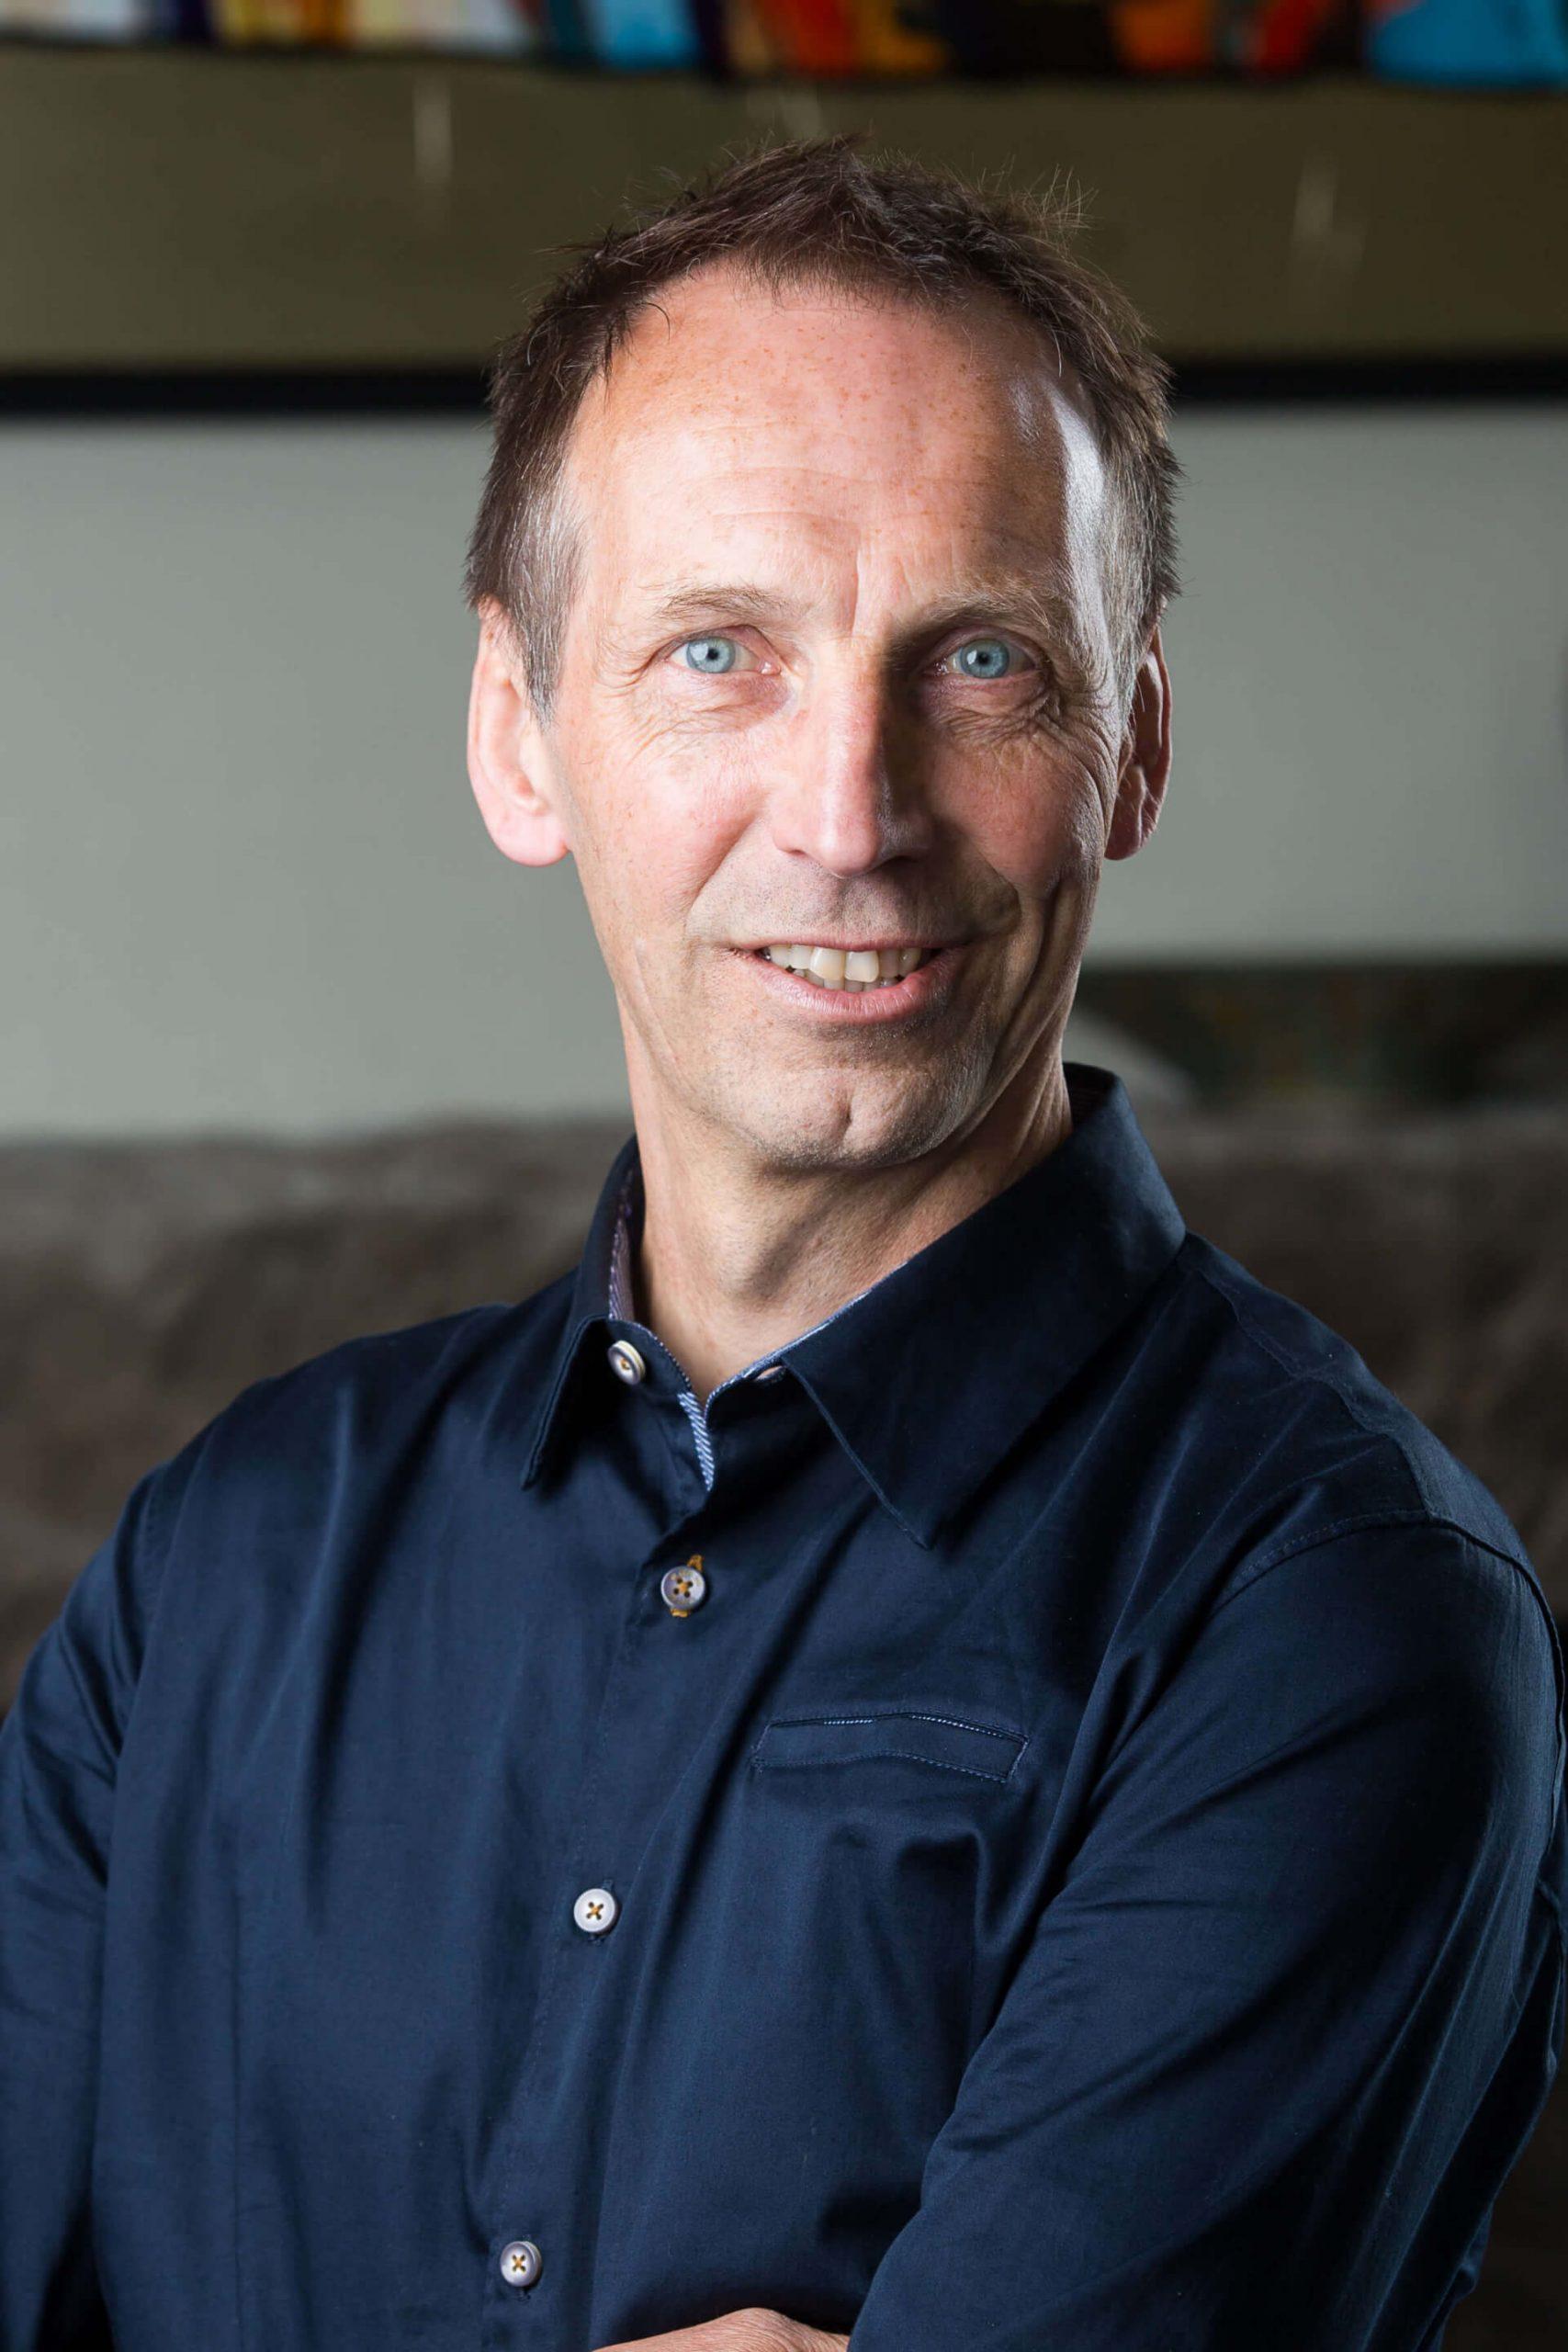 Alwin Horck